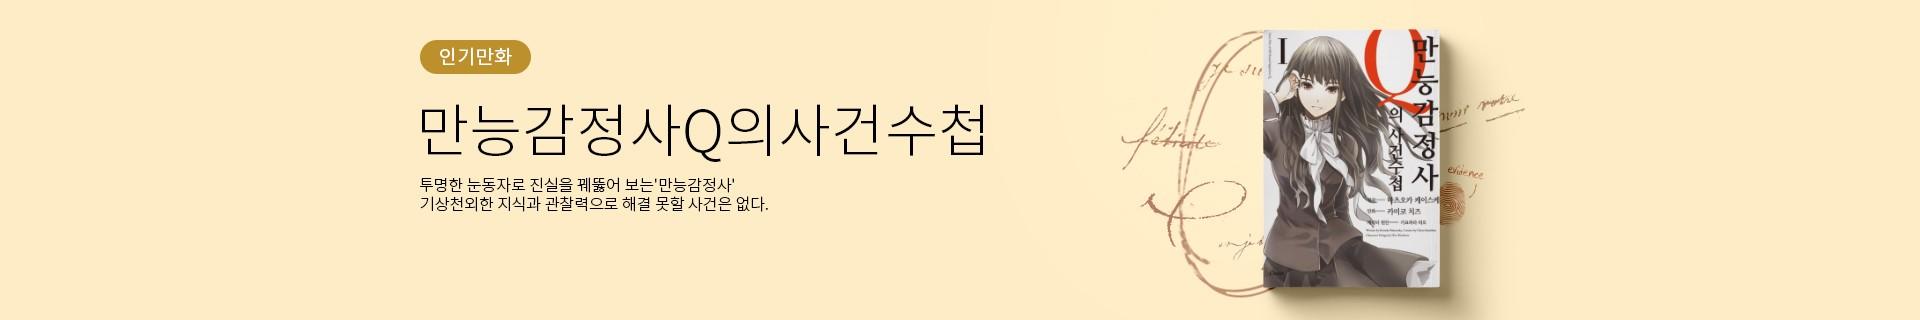 상세상단(PC)4주차_만화_만능감정사 Q의 사건수첩.jpg